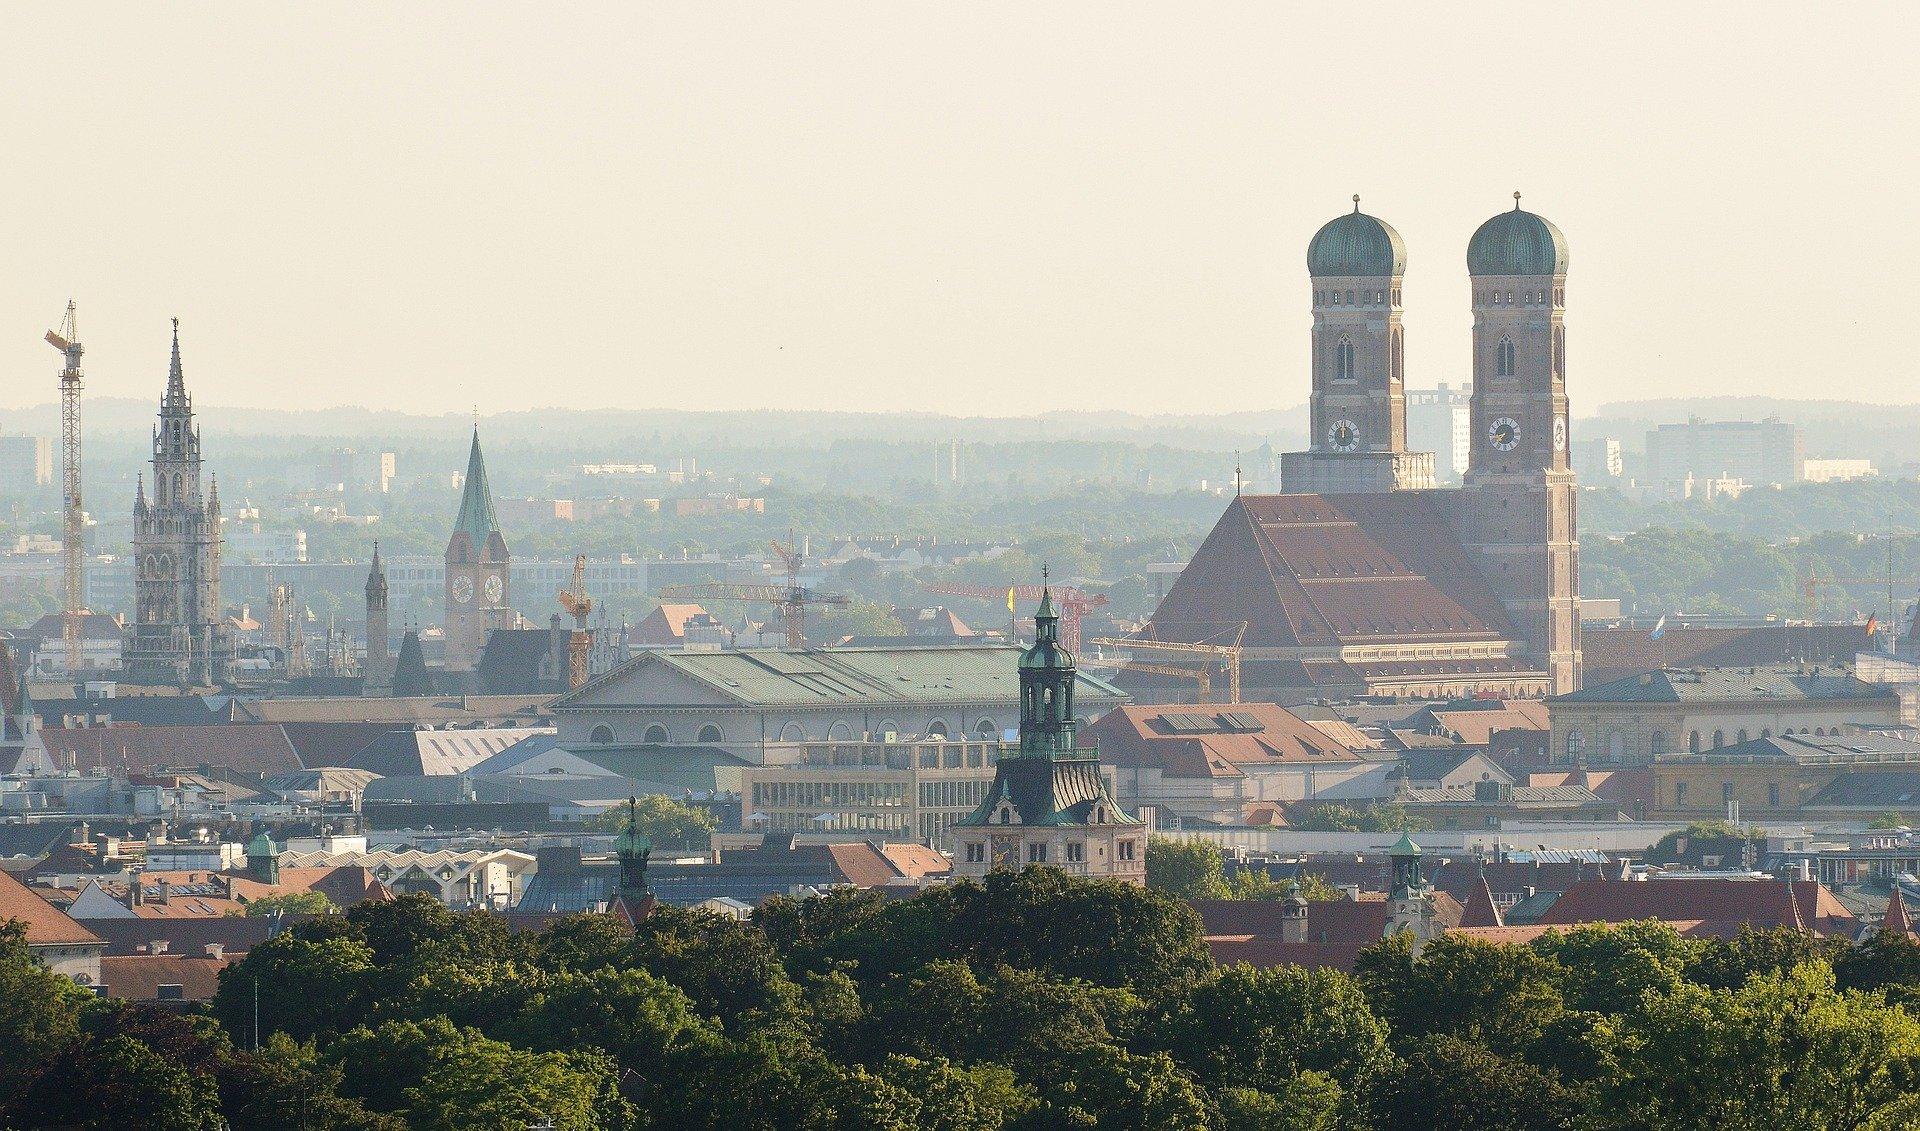 Makler München finden: Top Immobilienmakler Tipps